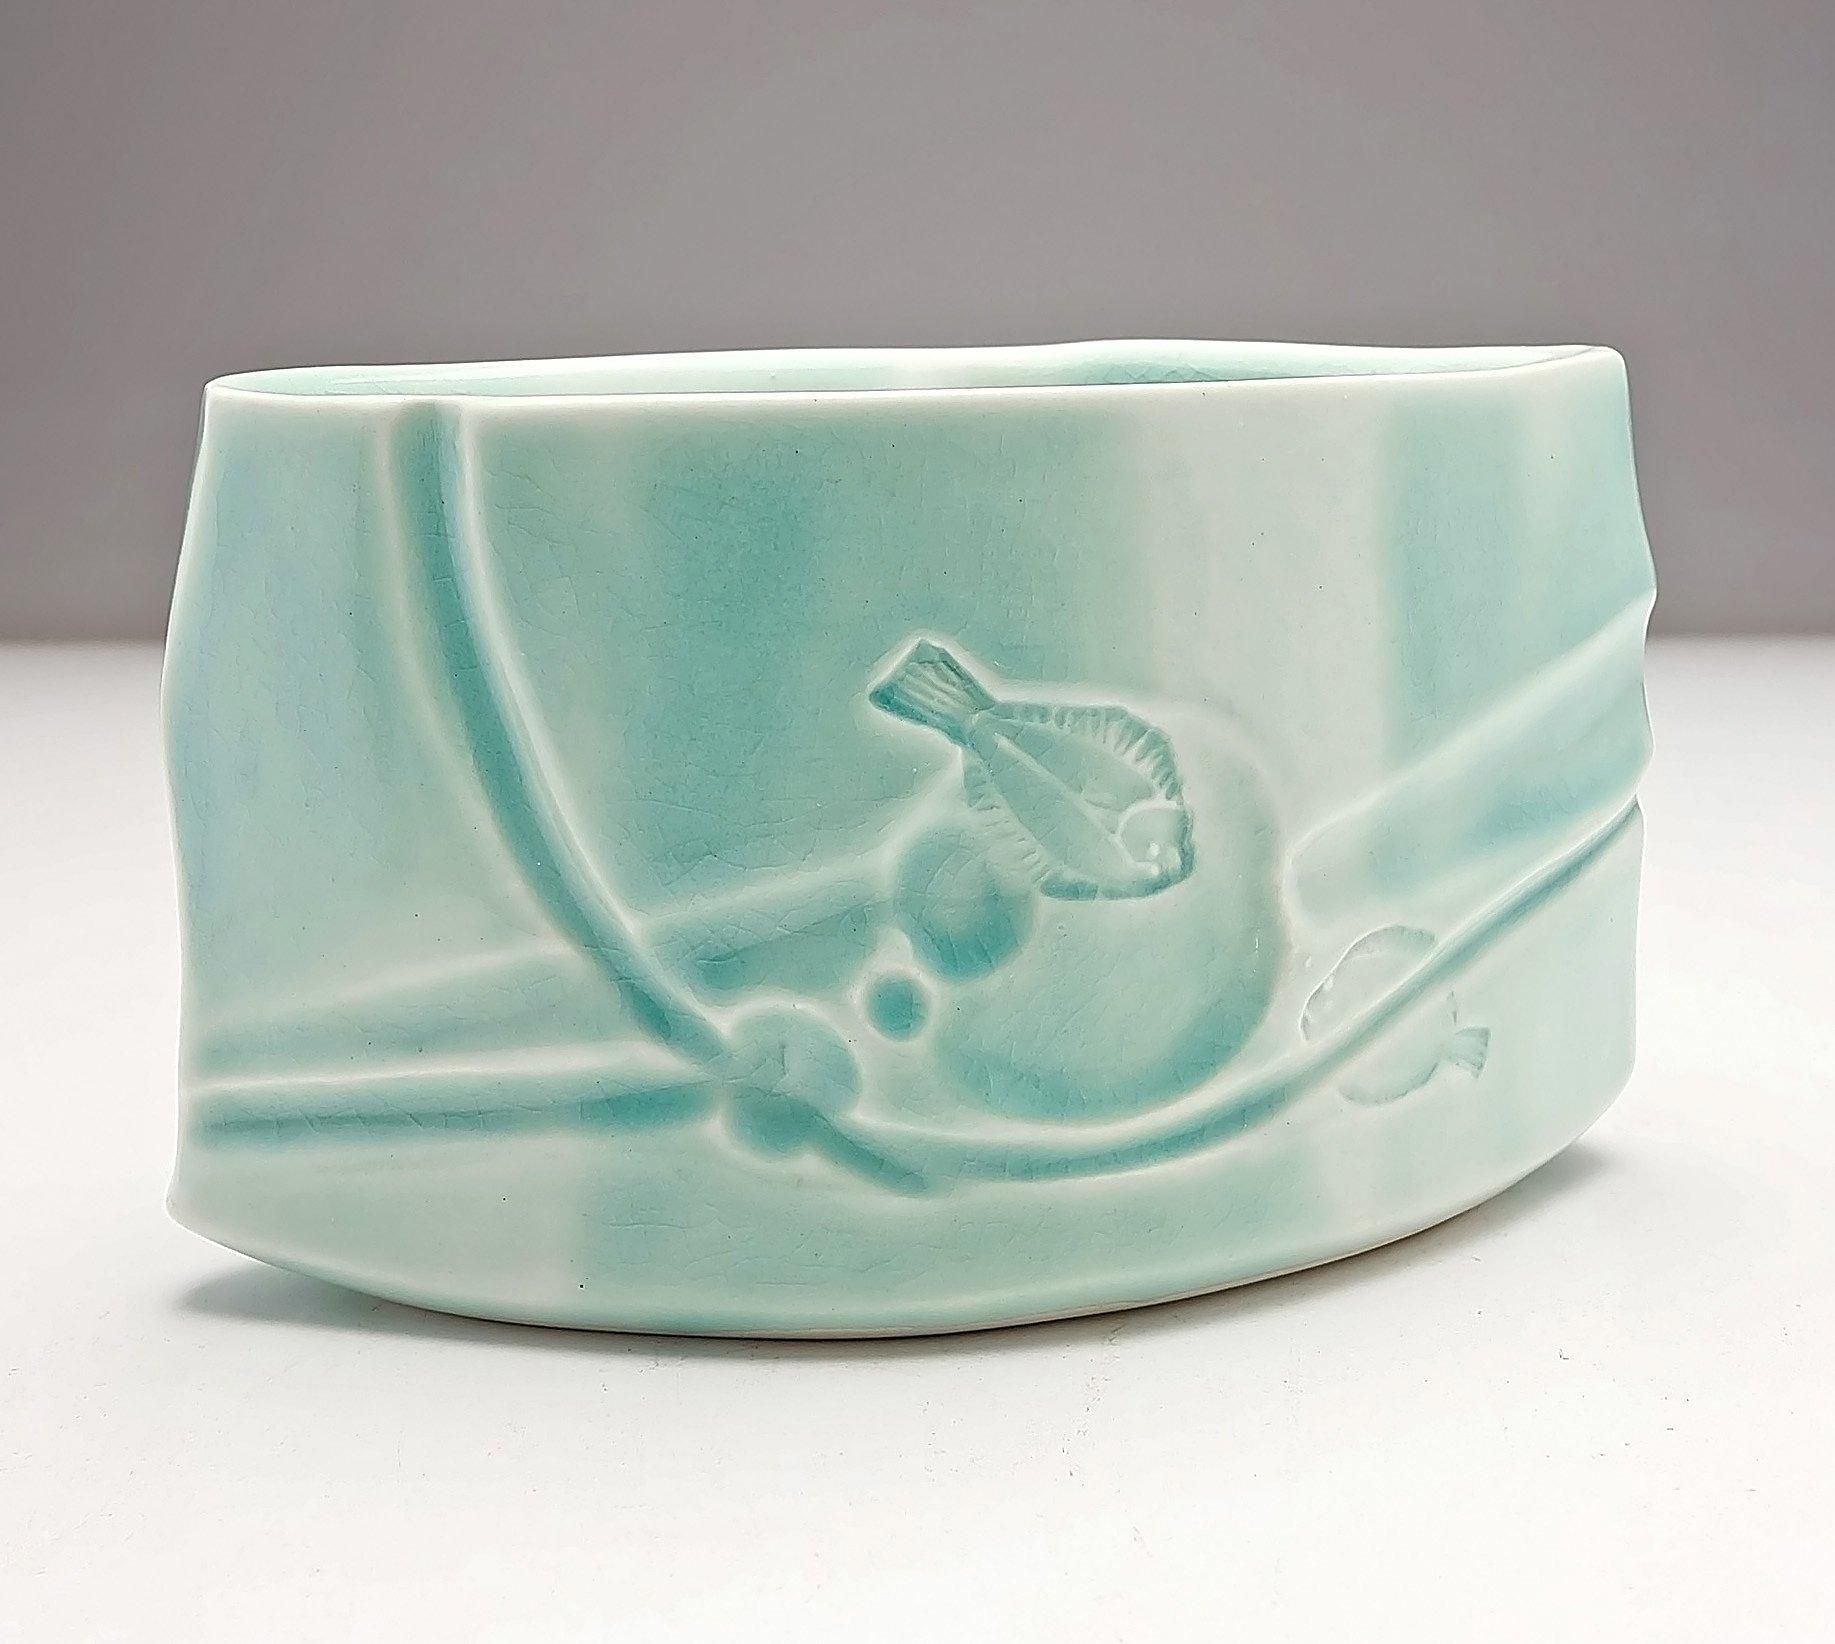 'Hiroe Swen (1934-) Celadon Glazed Ceramic Vase with Impressed Fish'